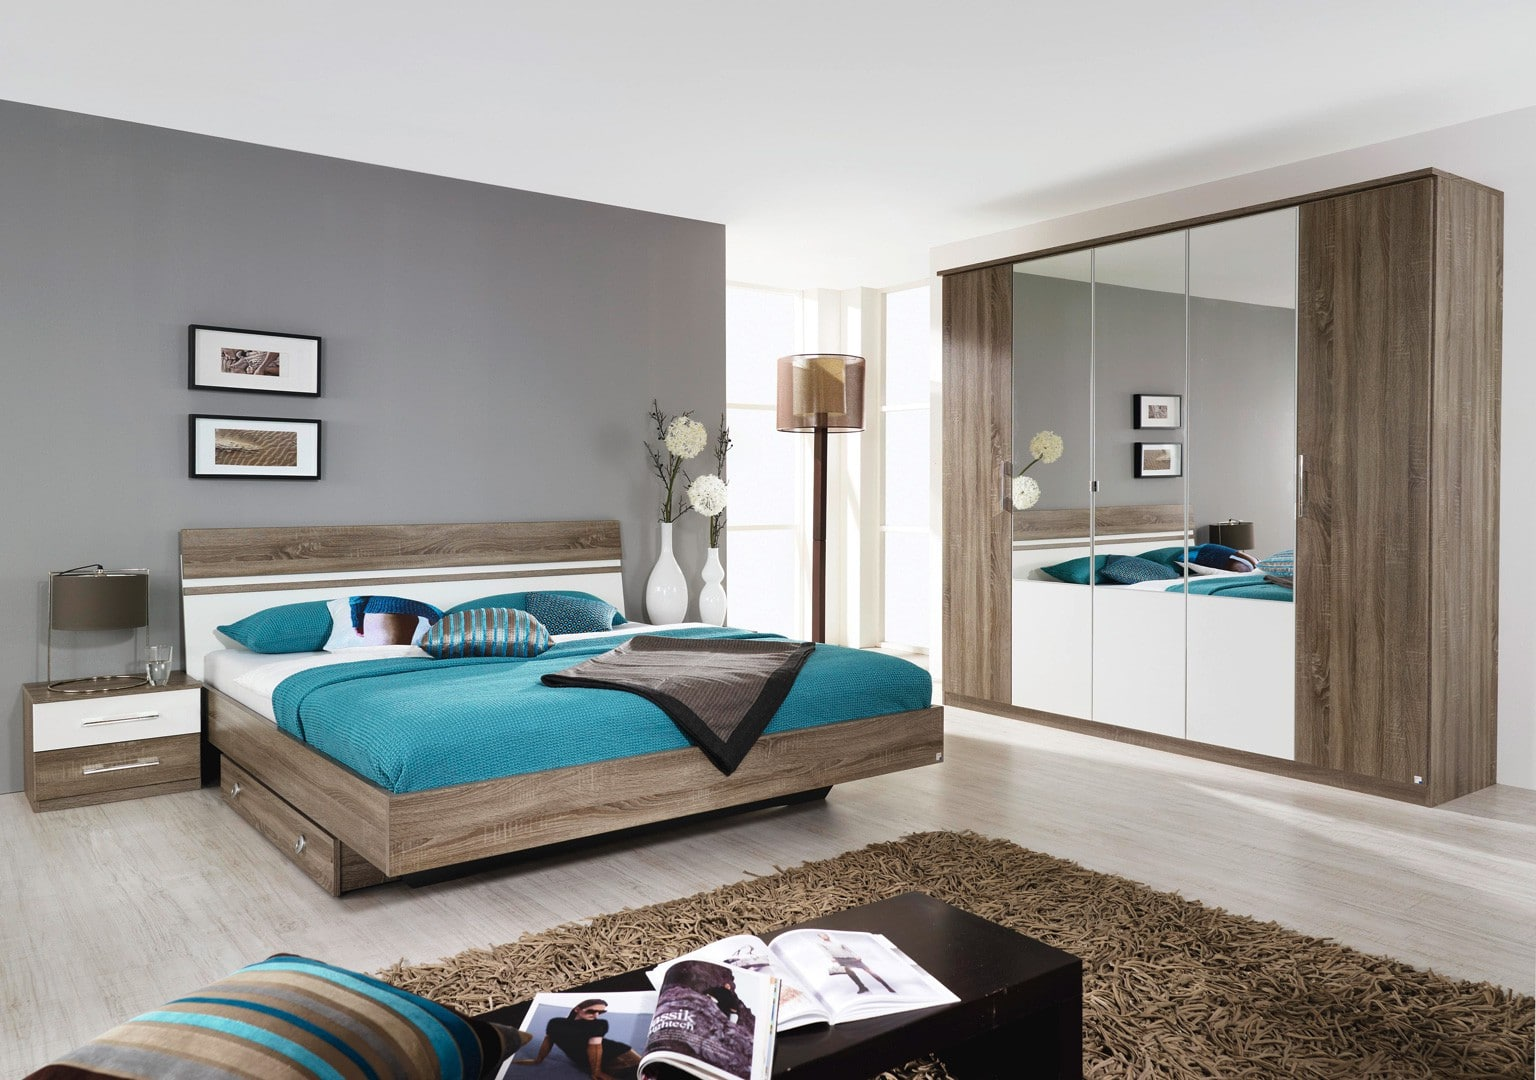 Ambiance chaleureuse dans la chambre coucher matelpro for Ambiance chambre a coucher adulte